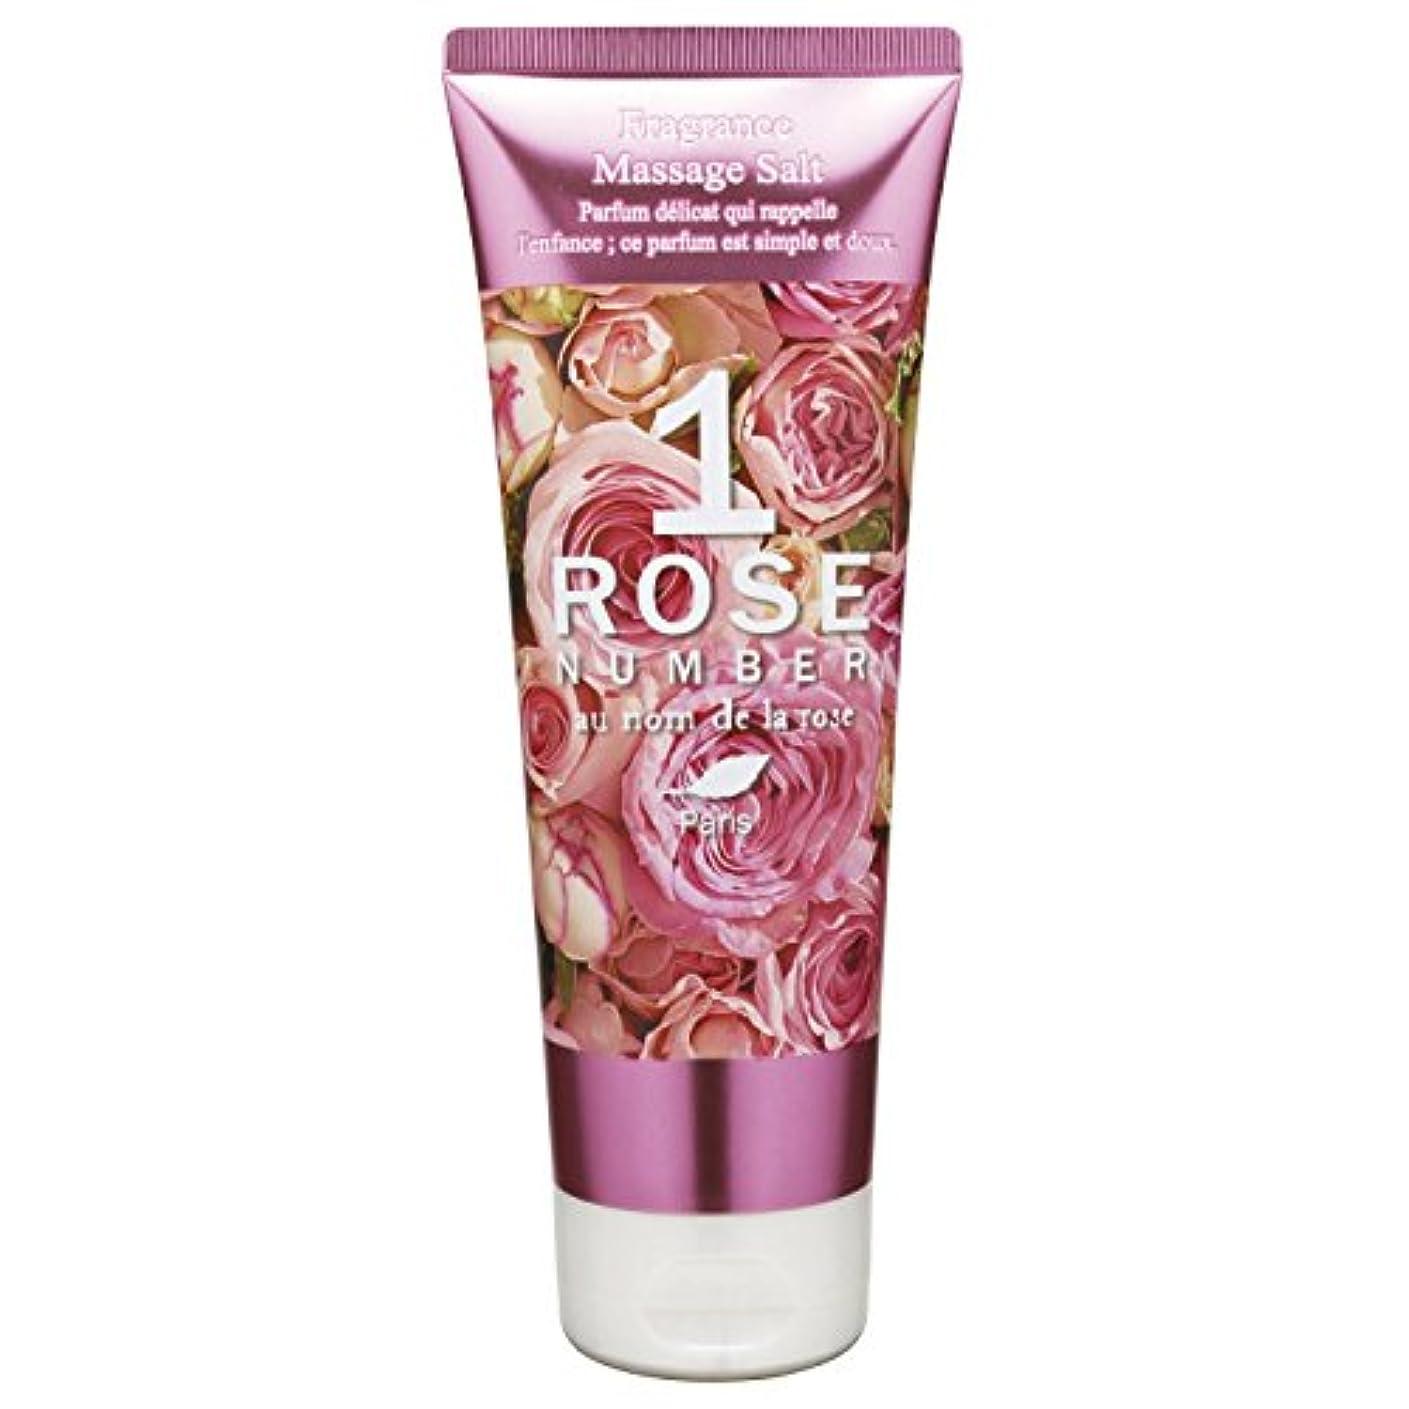 ドキドキ用語集人物ROSE NUMBER スクラブモイストバスソルト NO1 ピュアなバラの香り (250g)